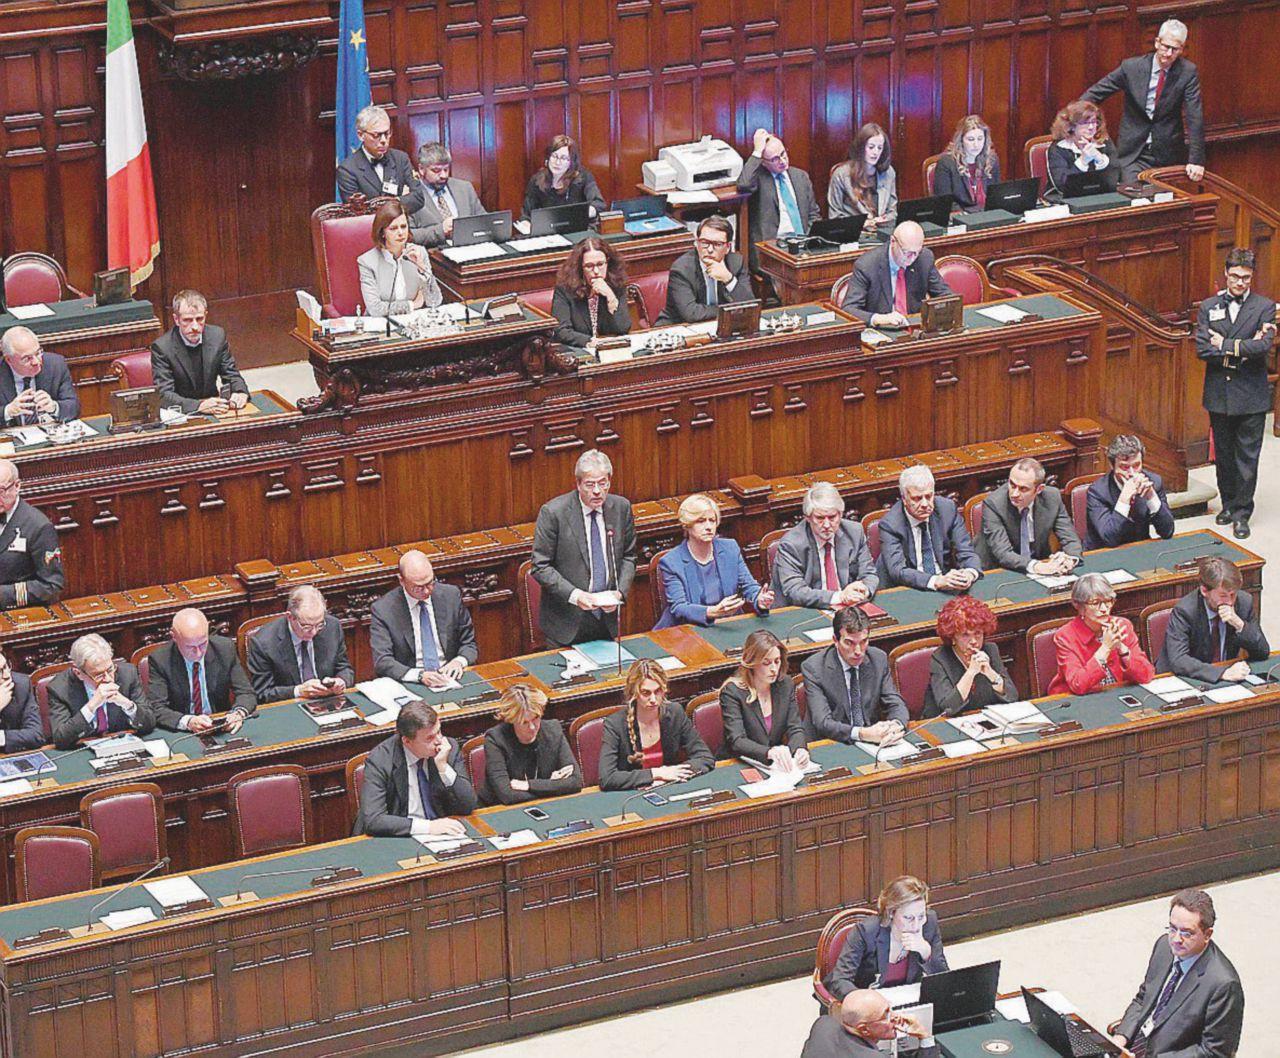 Esce Bersani, entra Verdini: ecco la nuova maggioranza